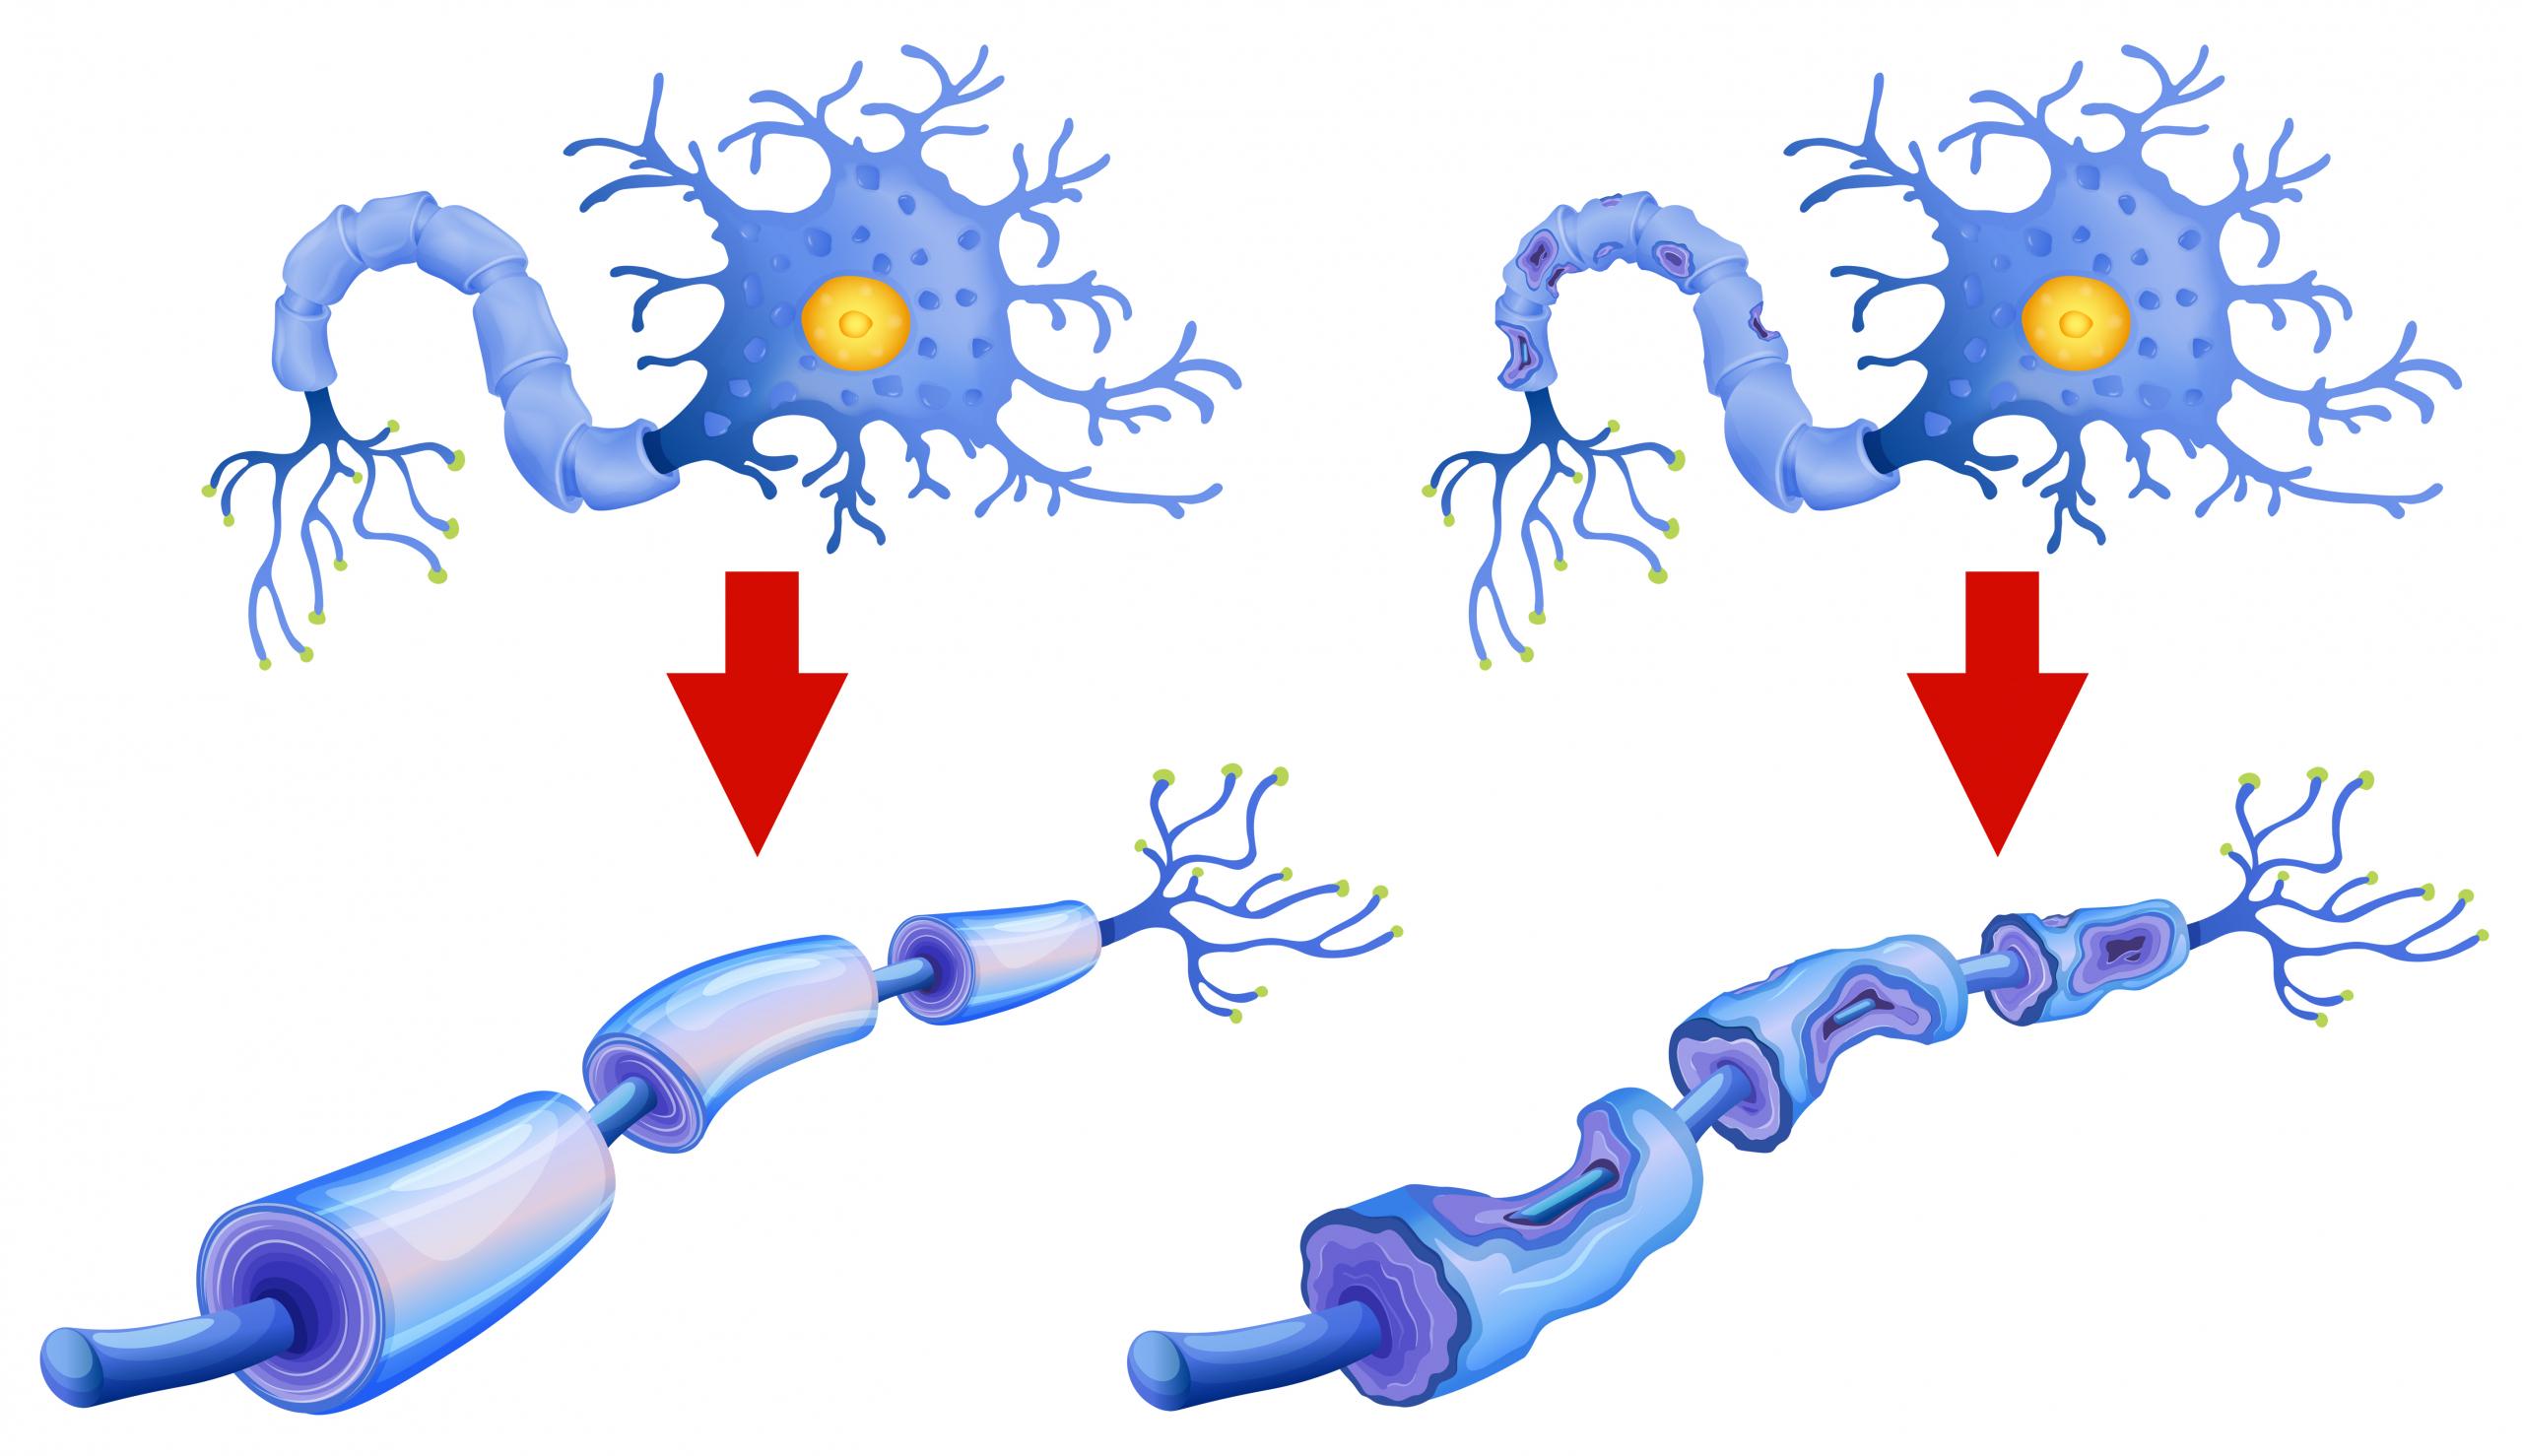 مرض التصلب اللويحي المتعدد | المرض الذي يصيب أي جزء في جسم الإنسان